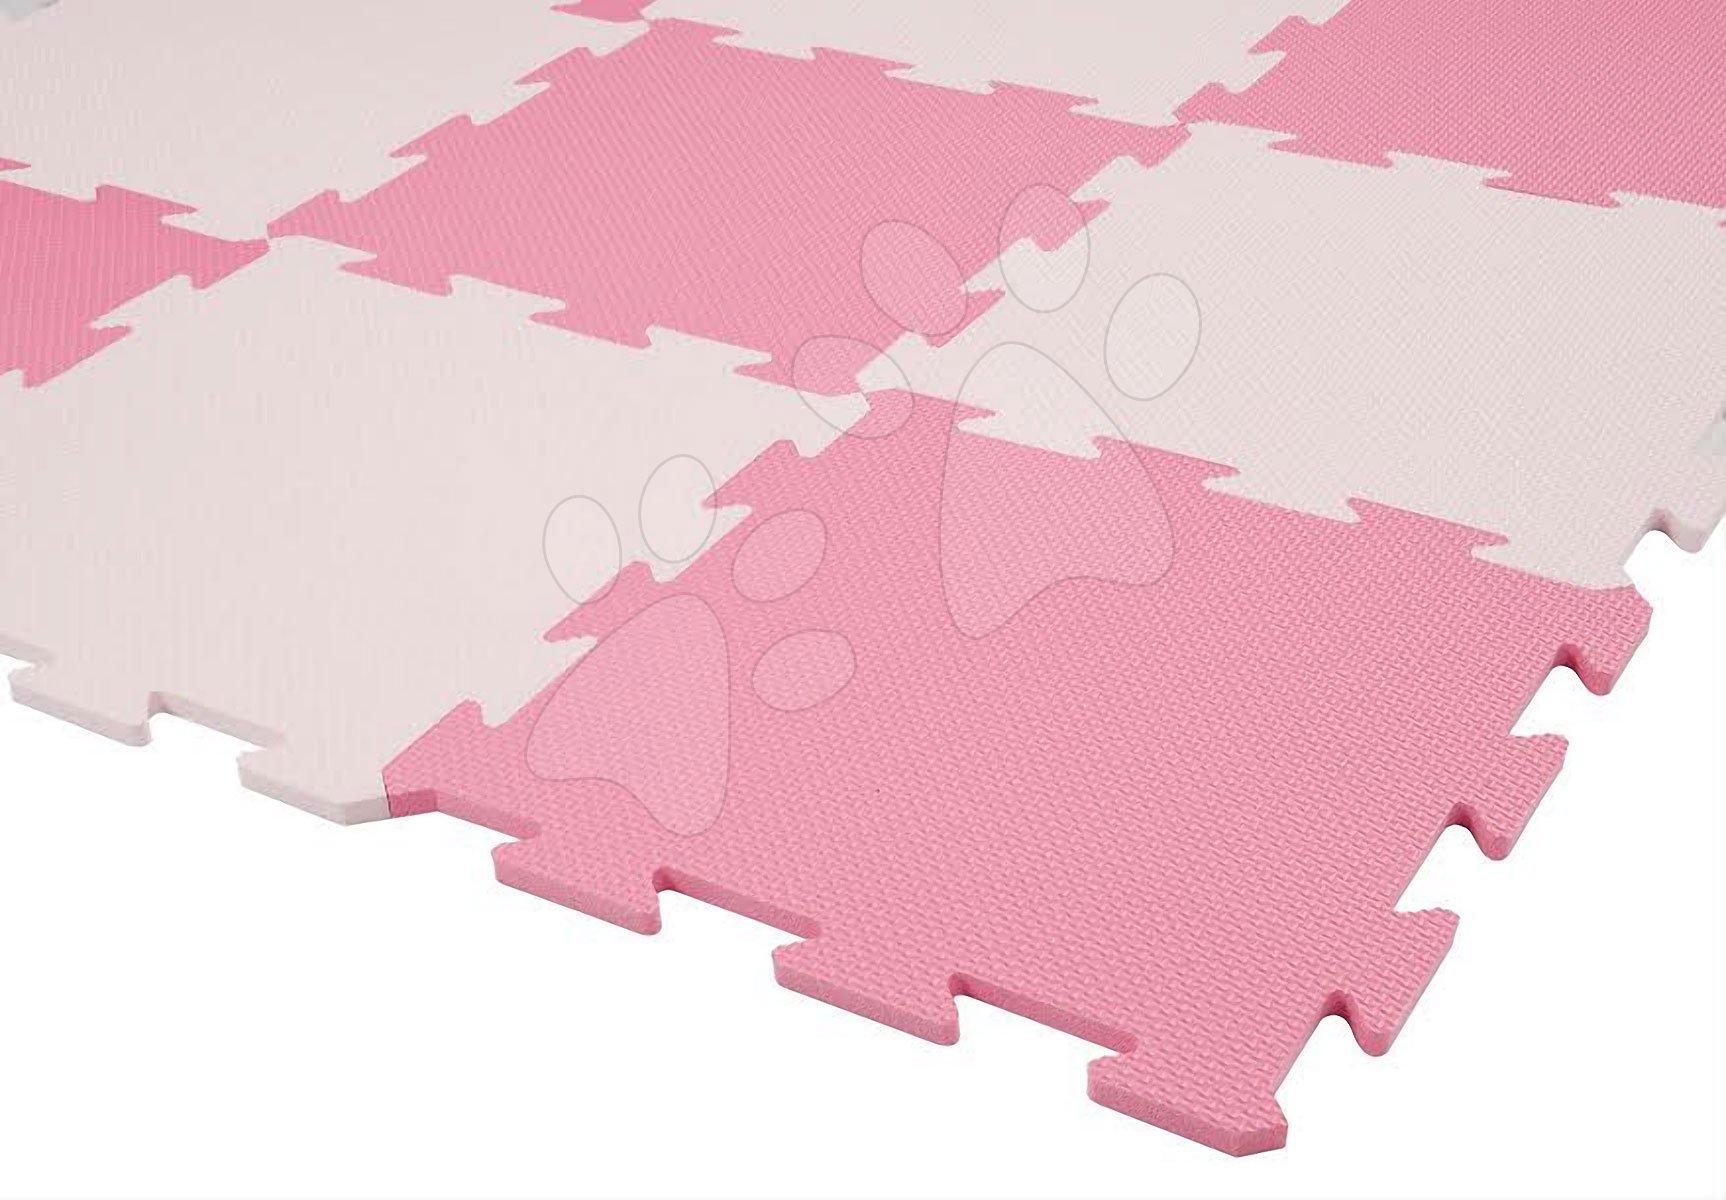 Pěnové puzzle Lee podložka pro nejmenší 9 dílů 30*30*1,4 cm růžové od 0 měsíců